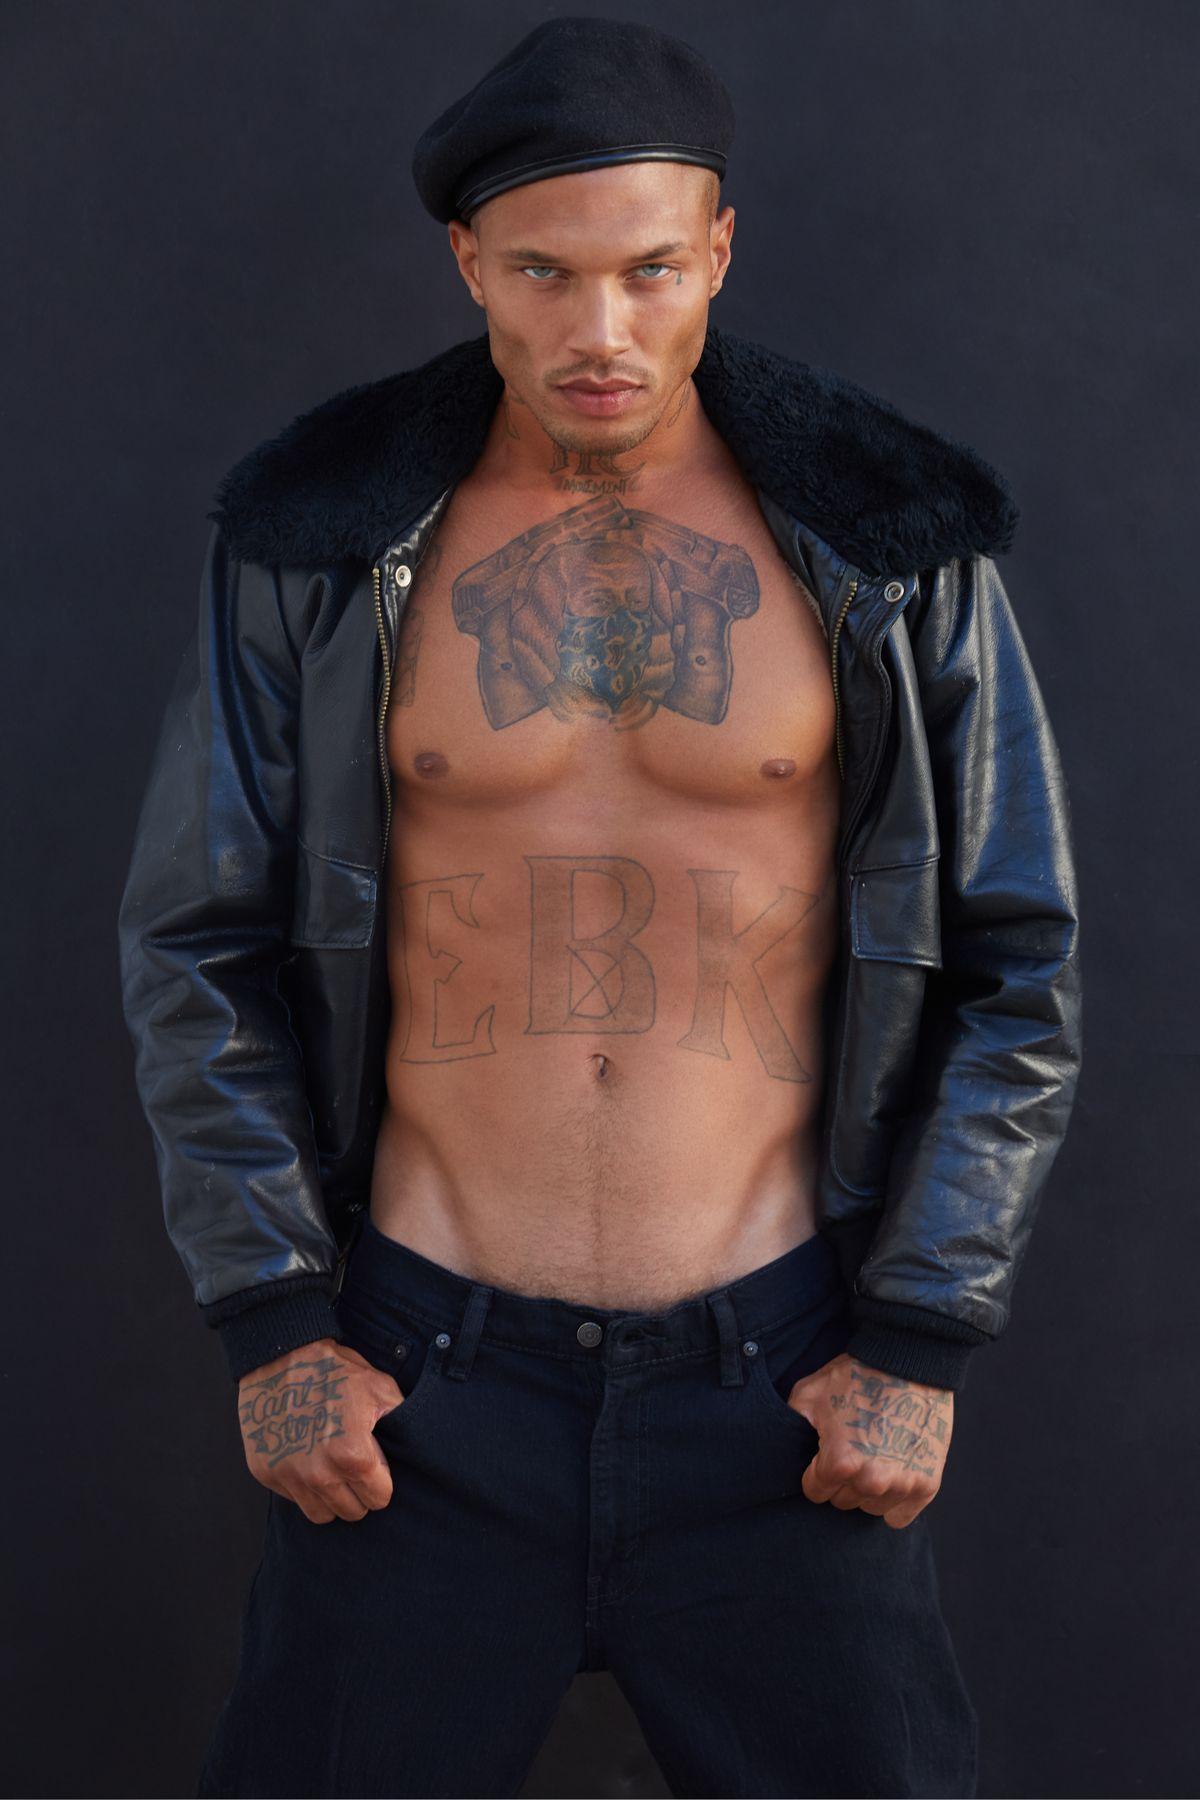 Model Jeremy Meeks